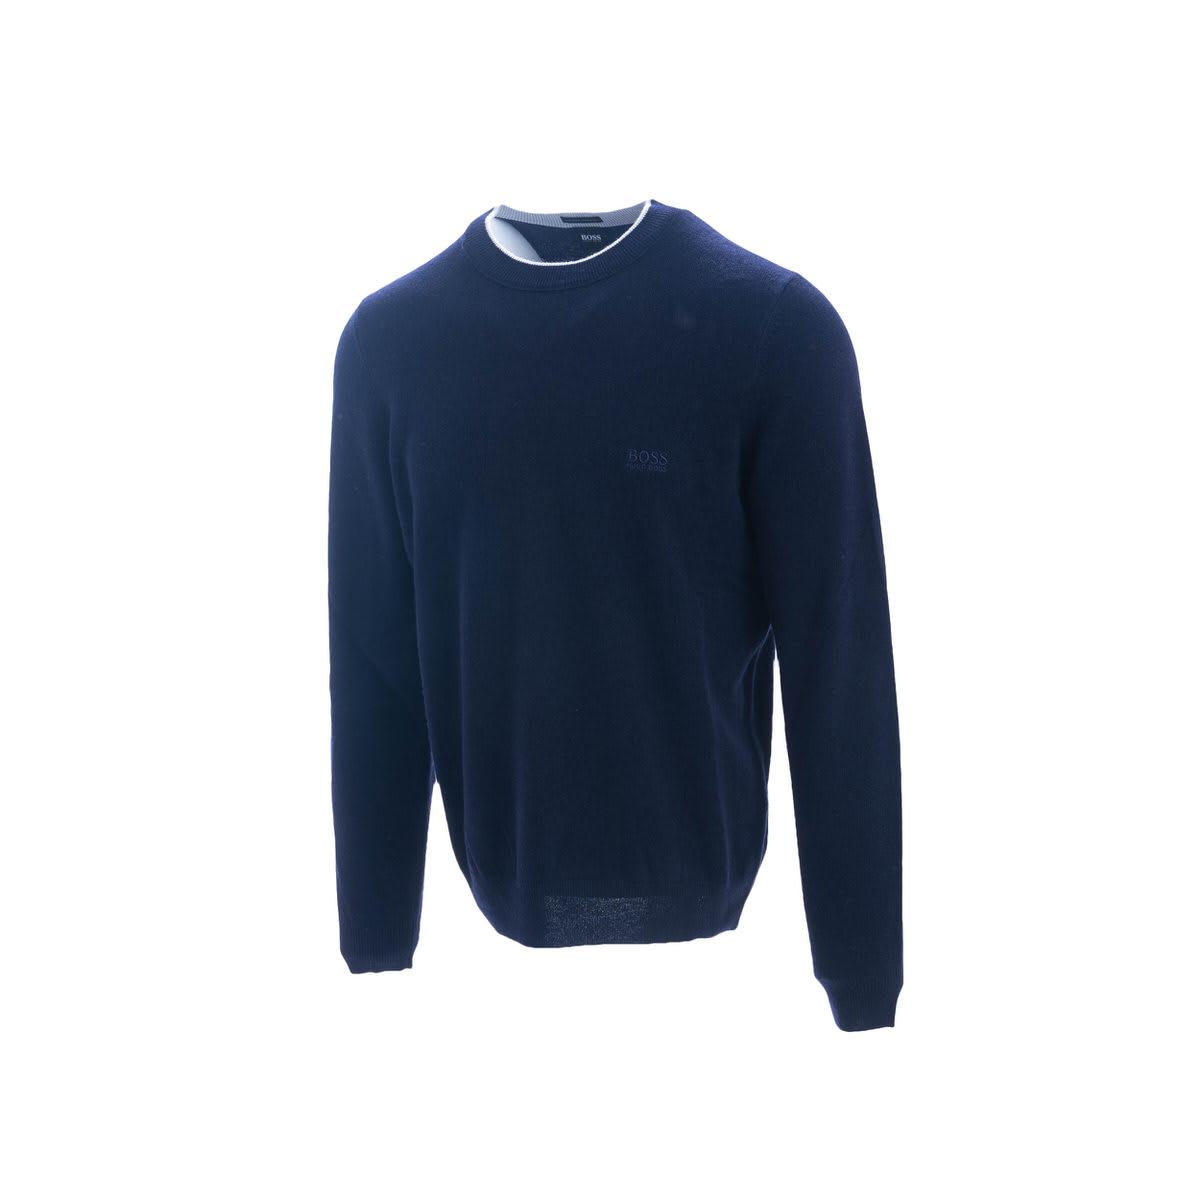 Boss Soft Virgin Wool Sweater